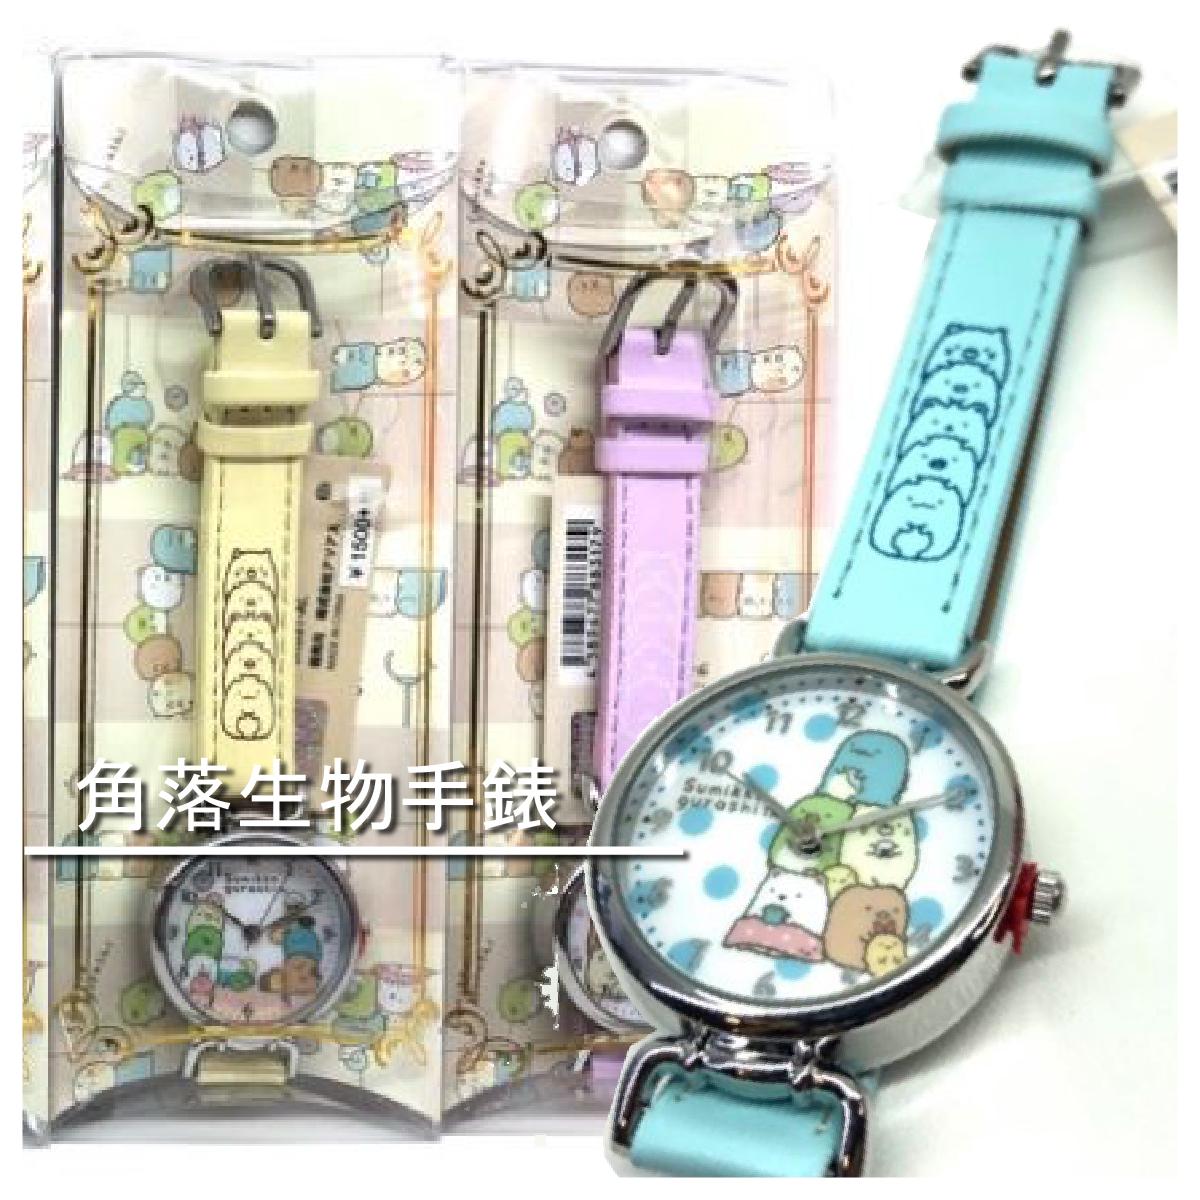 【尋寶日】超級夯 角落生物 SAN-X 角落生物系列 手錶 新款 女錶 日本空運 角落生物 角落小夥伴 特價優惠